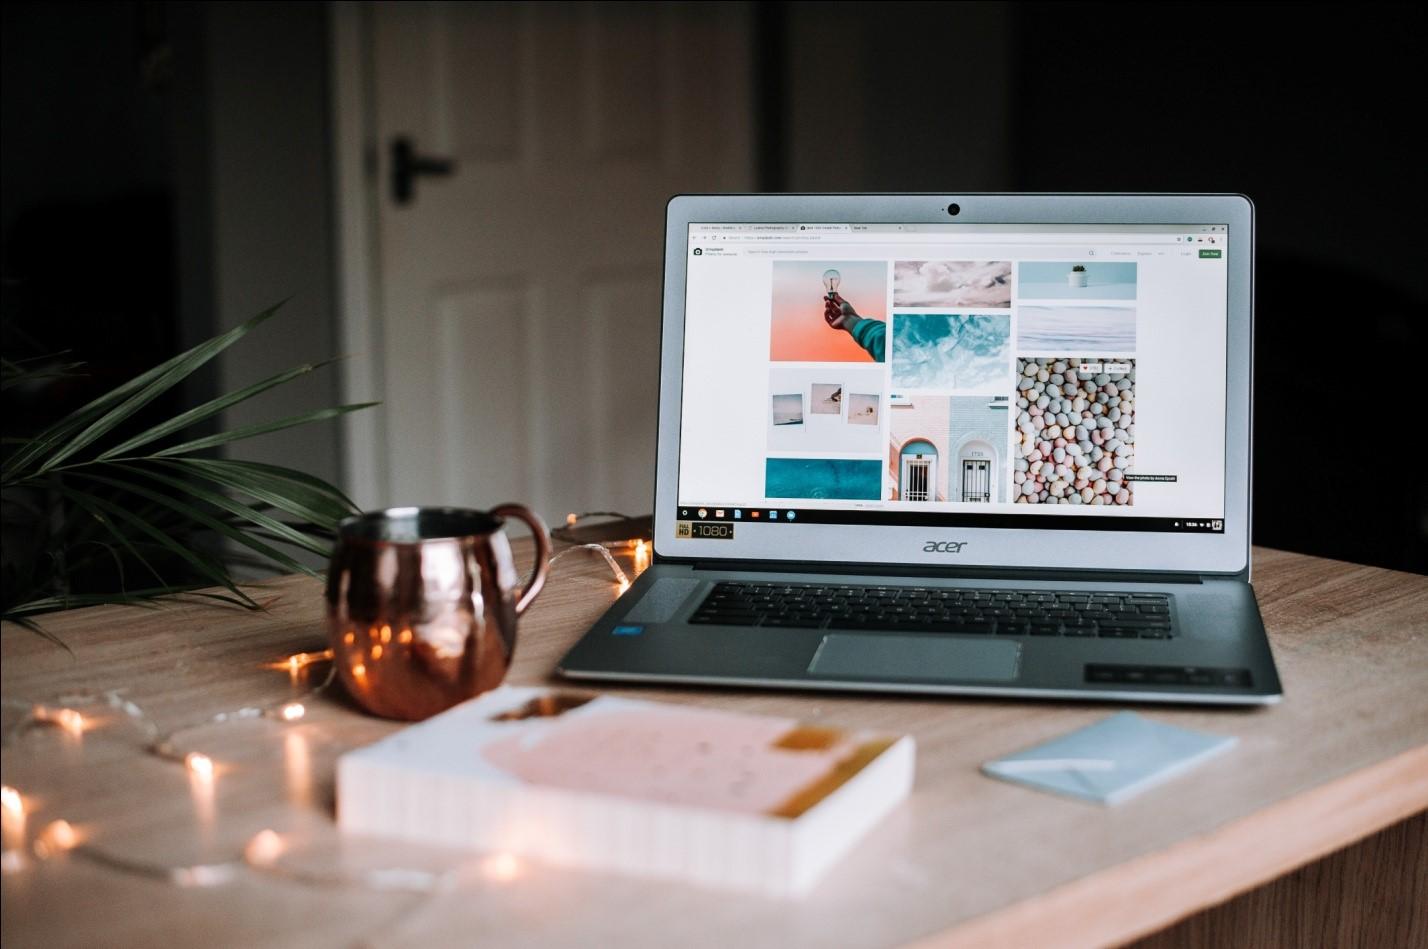 Laptop screen displaying portfolio